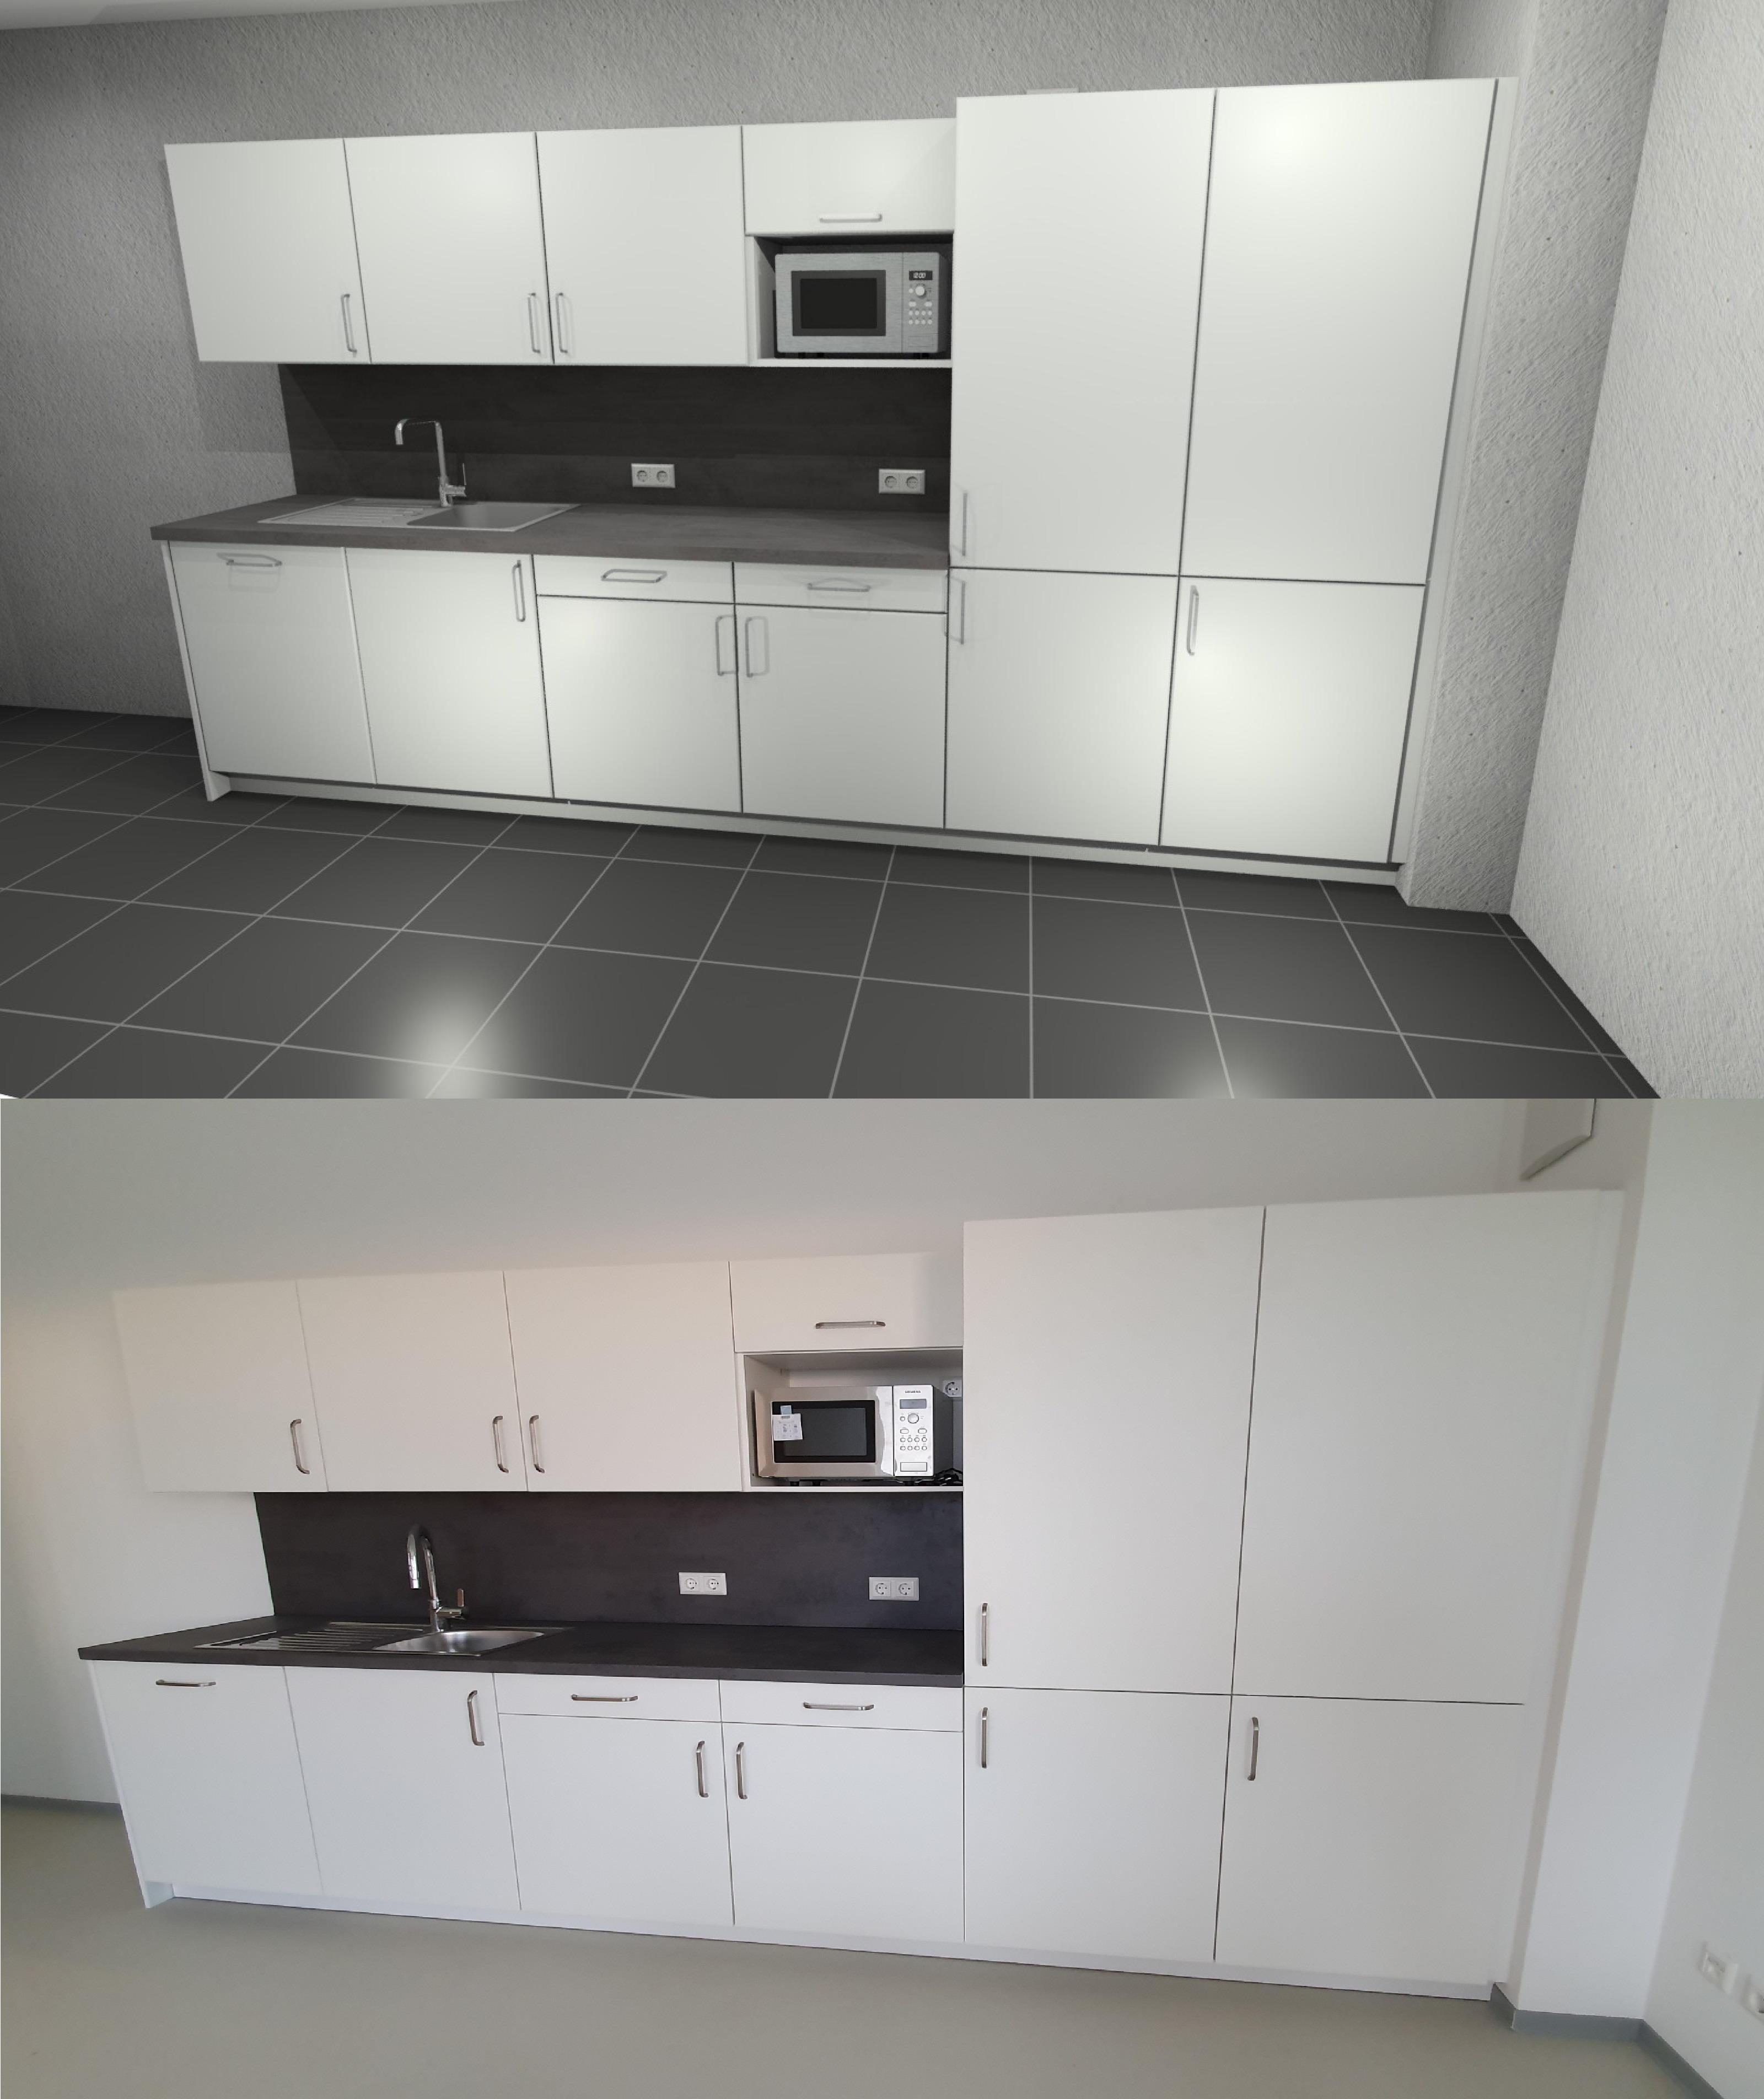 Röhm Lebendiges Wohnen - Küchenstudio mit großem Produktportfolio